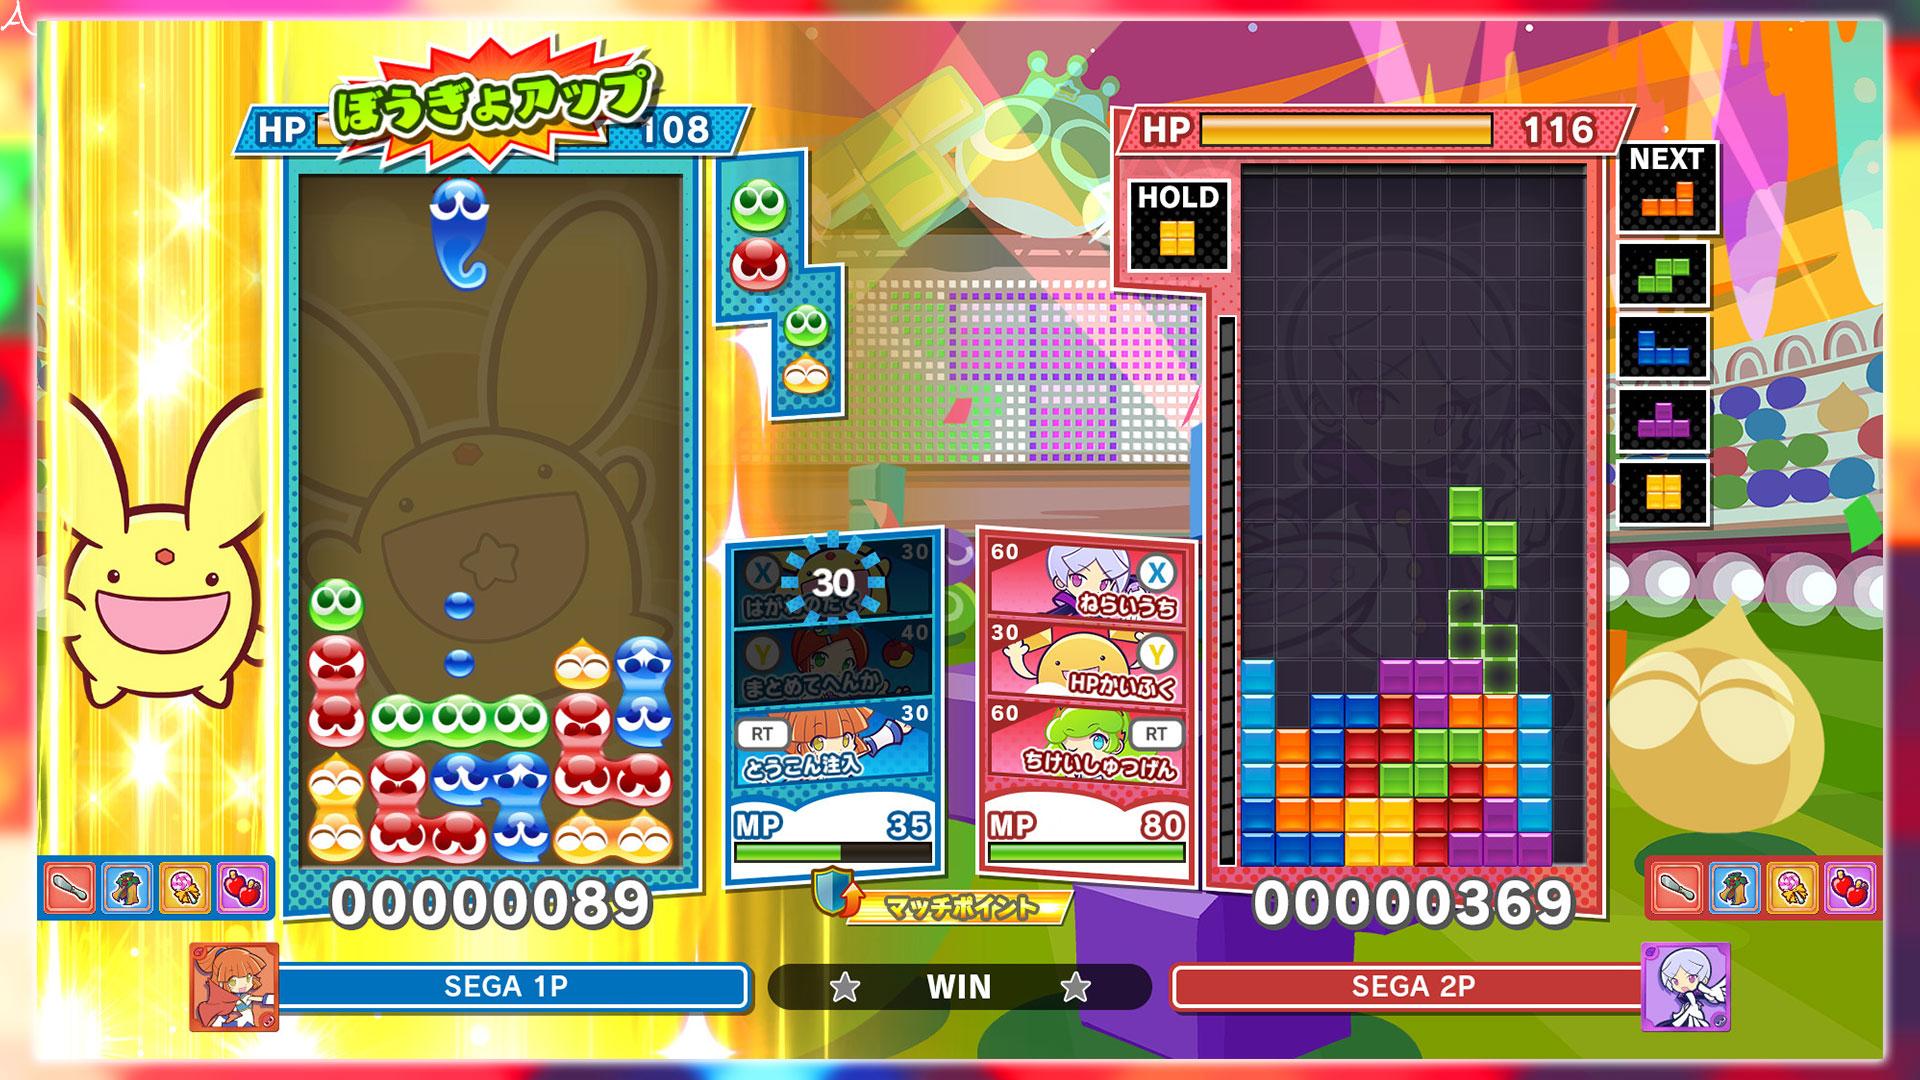 PC版「ぷよぷよテトリス2」に必要な最低/推奨スペックを確認